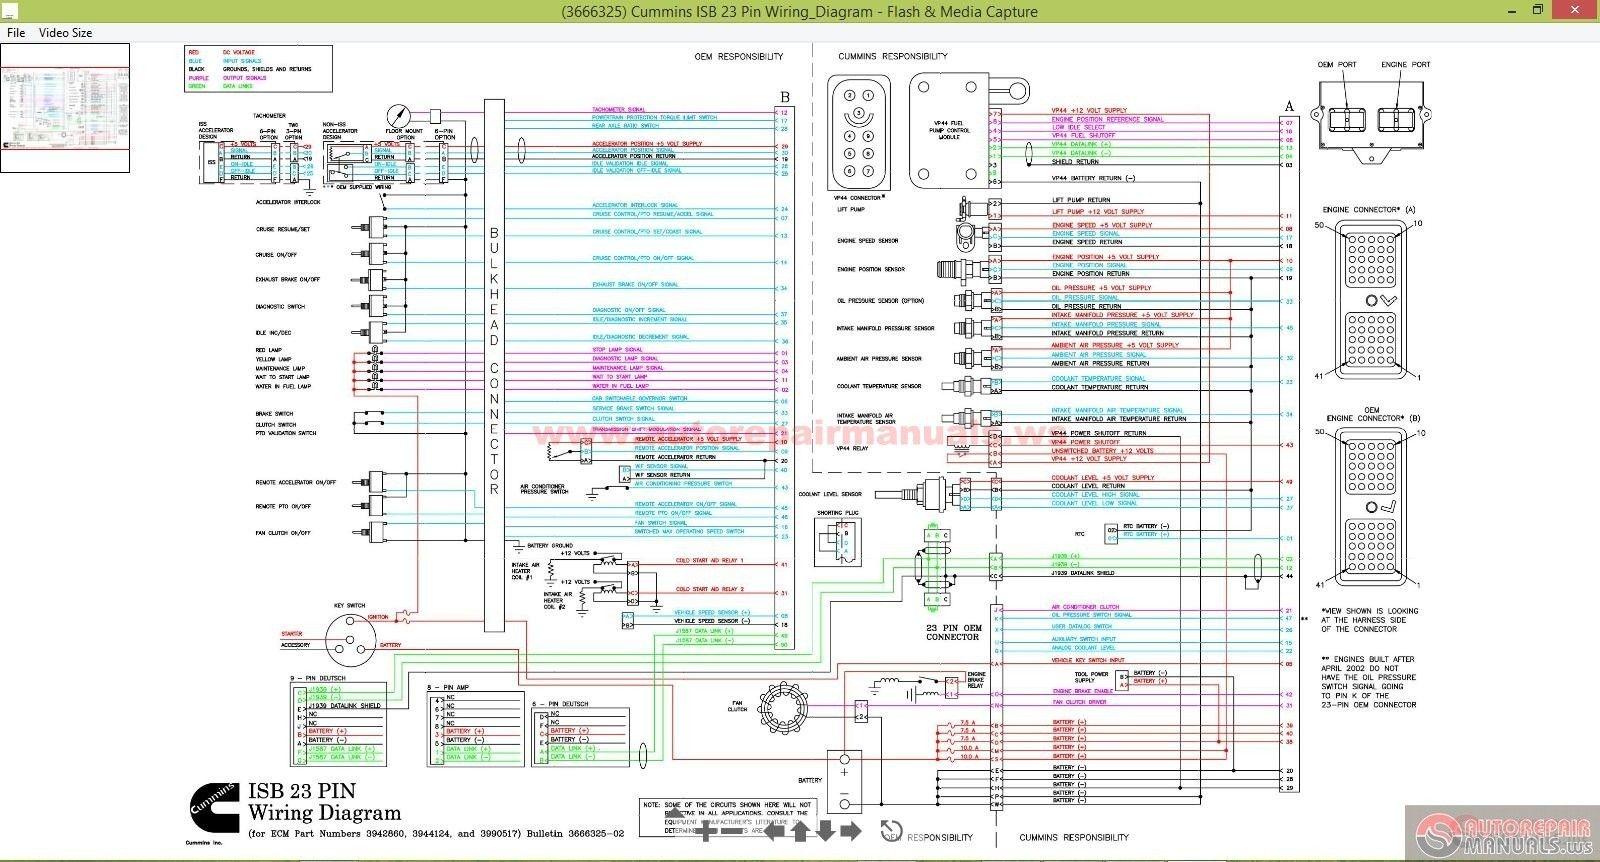 [DIAGRAM_4FR]  Cummins N14 Celect Wiring Diagram in 2020 | Cummins, Diagram, Electrical  wiring diagram | Mechanical Fuel N14 Wiring Diagram |  | Pinterest